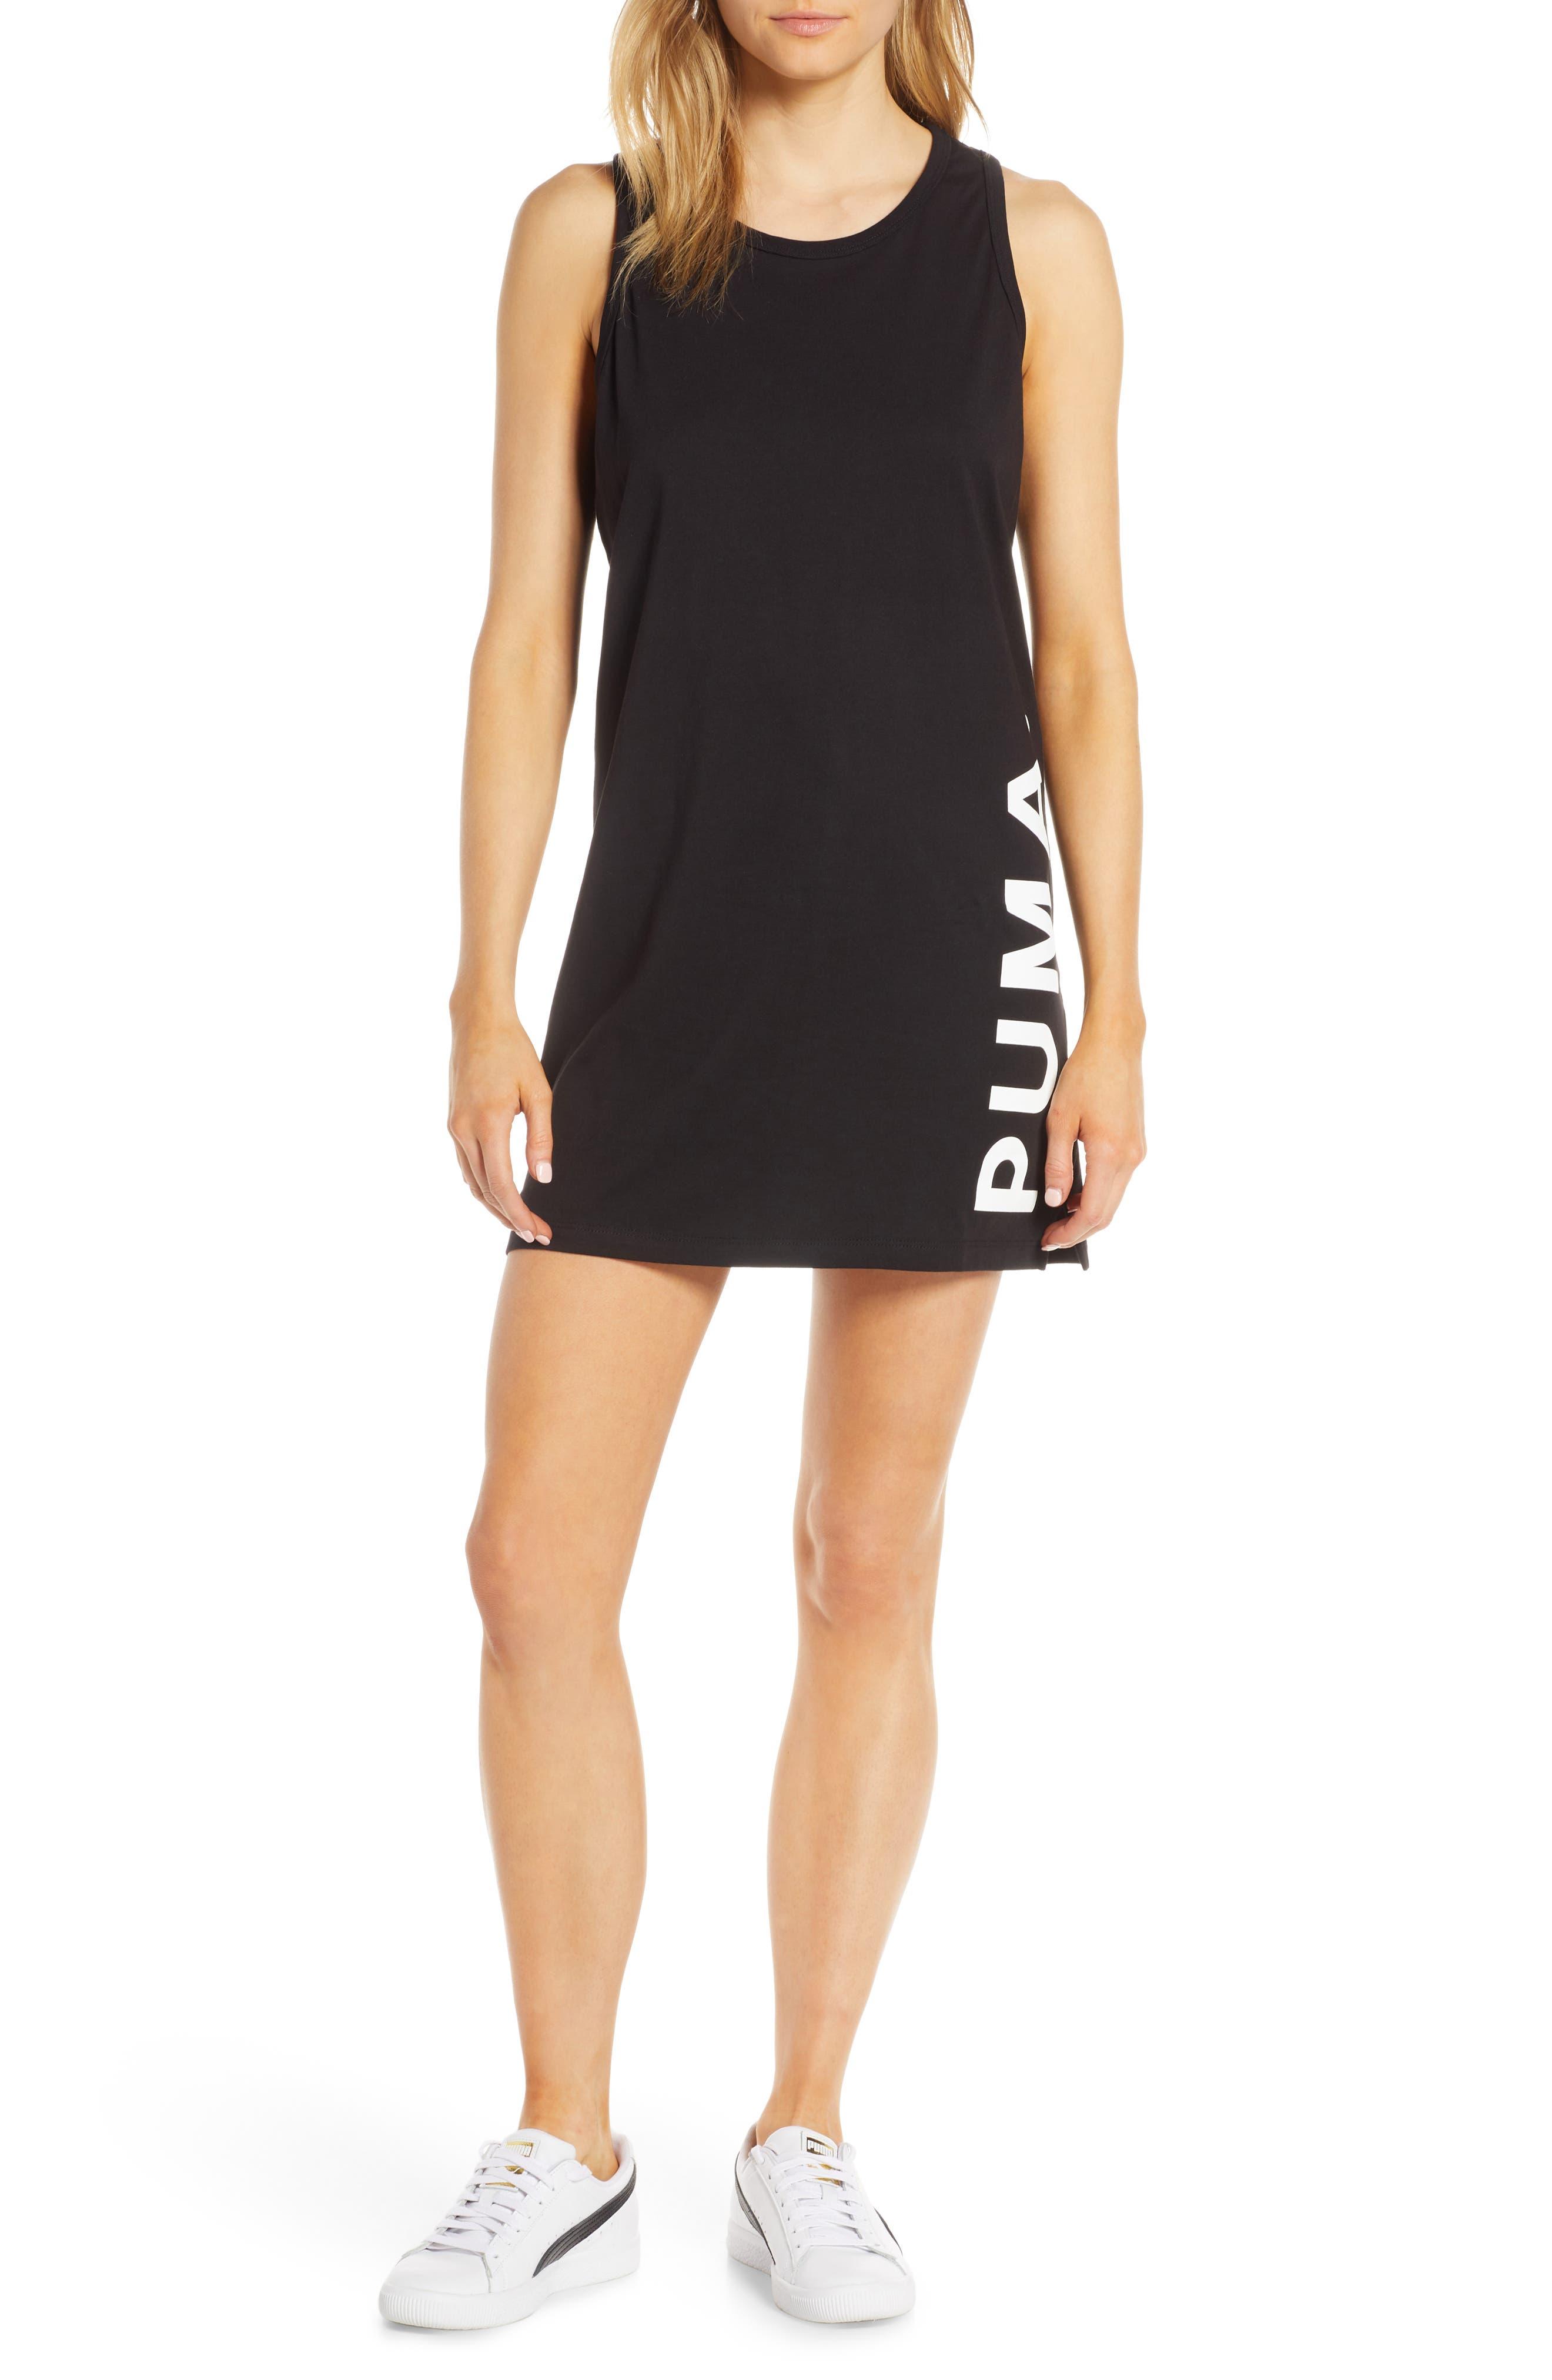 Puma Chase Tank Dress